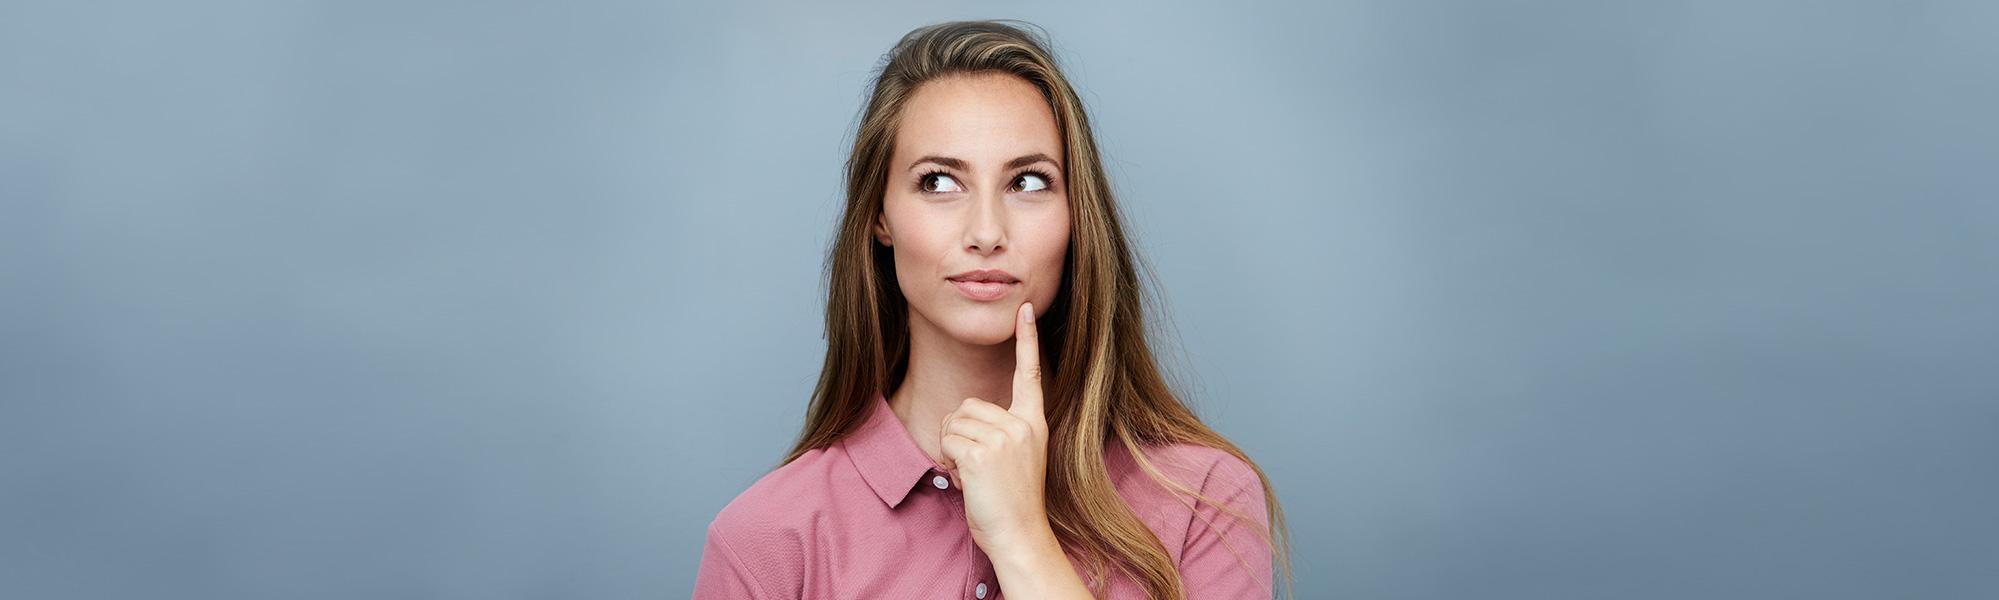 4 Mythen über Kundenbewertungen im Fakten-Check